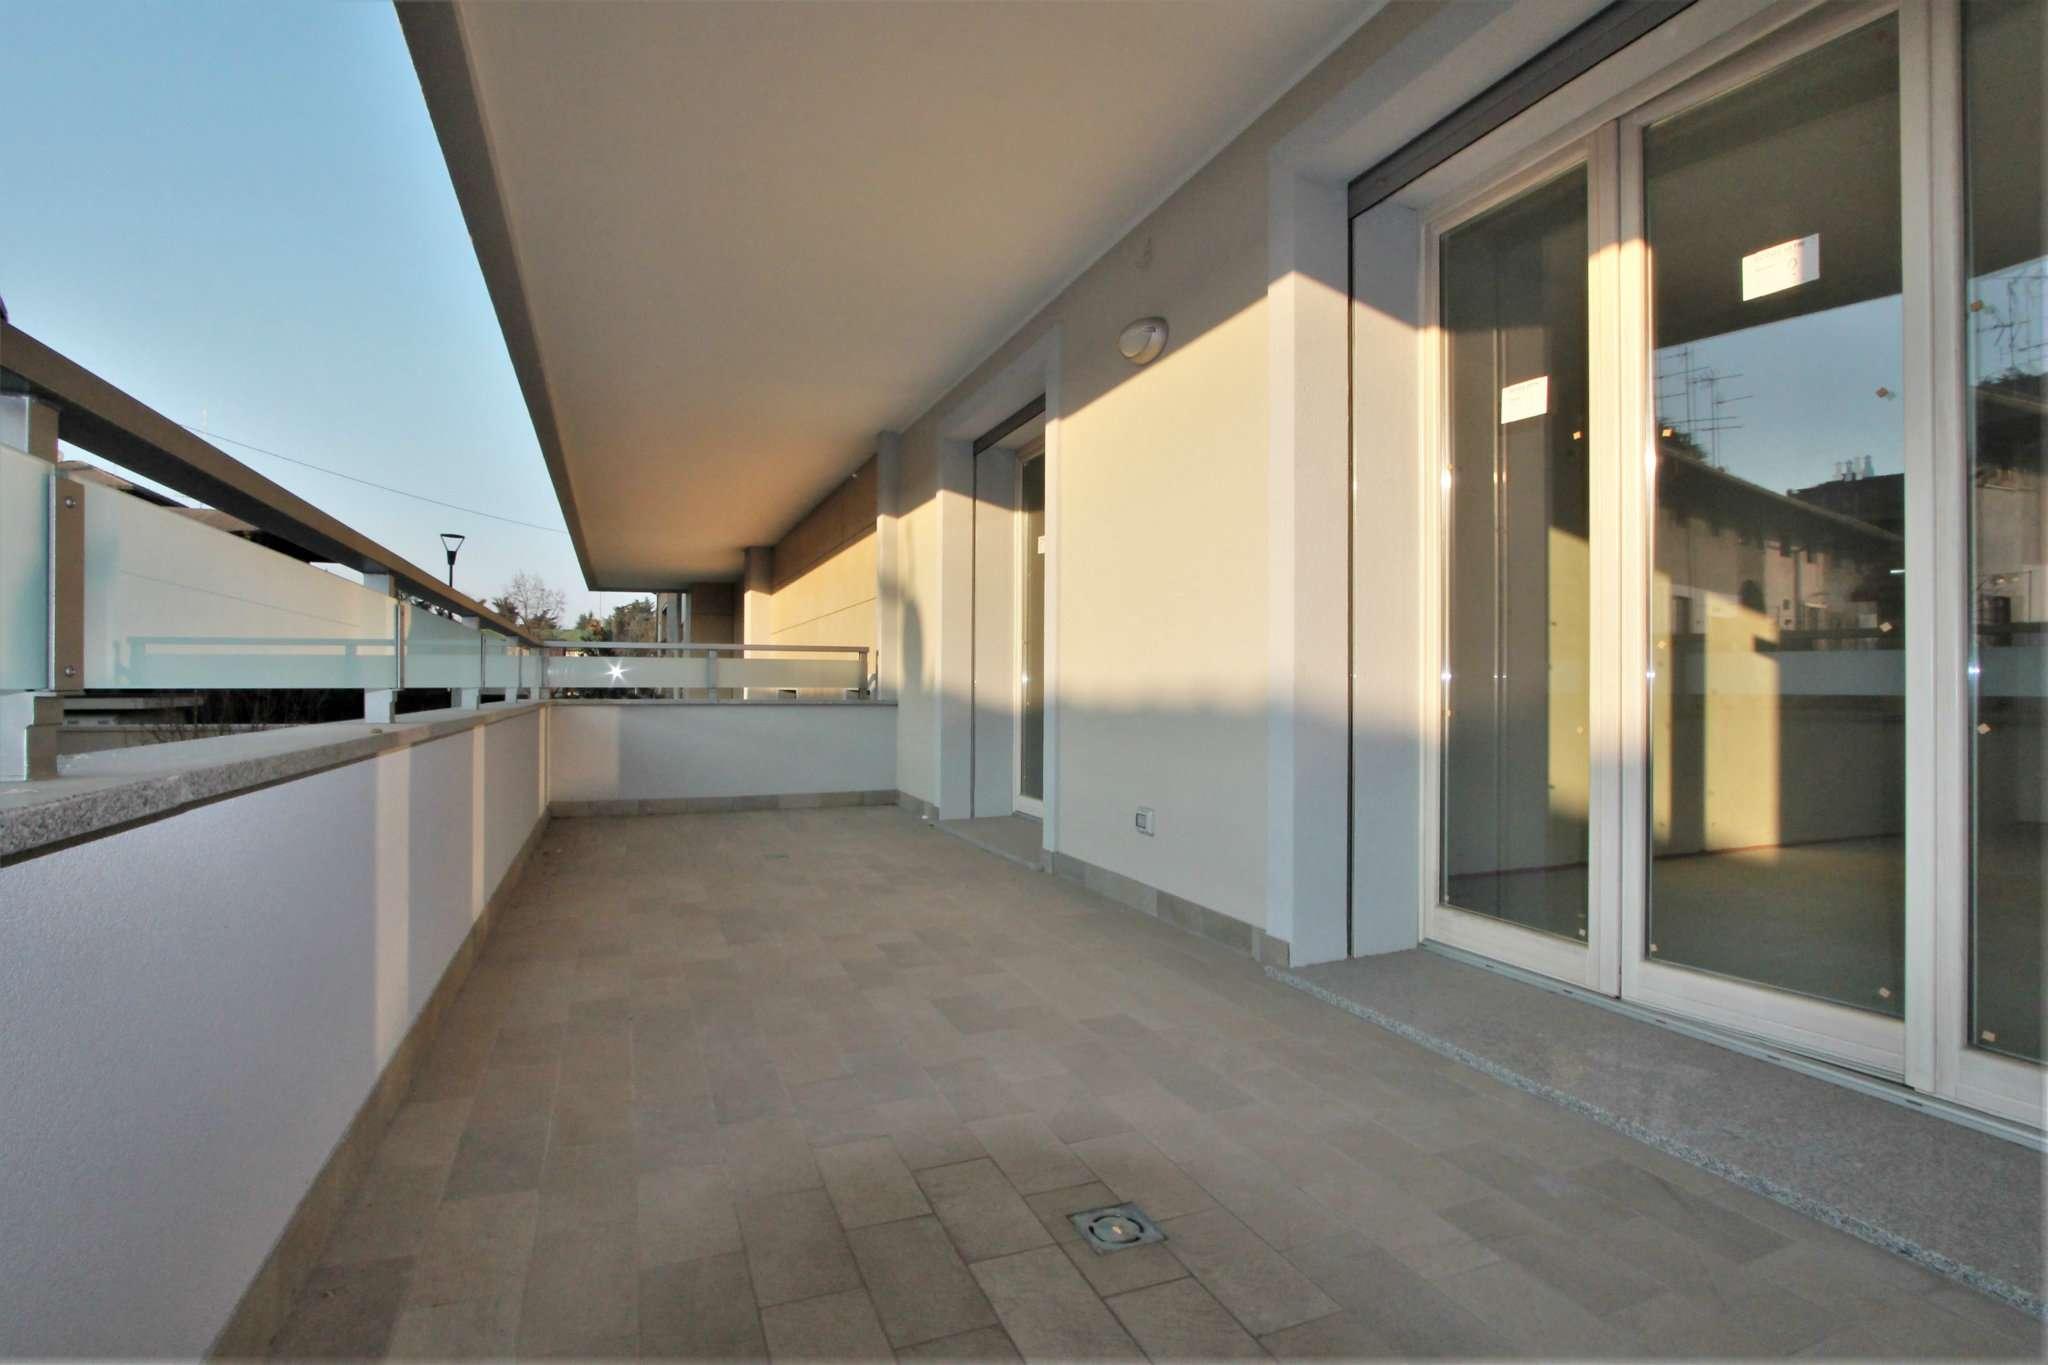 Appartamento in vendita a Nova Milanese, 3 locali, prezzo € 236.000 | PortaleAgenzieImmobiliari.it